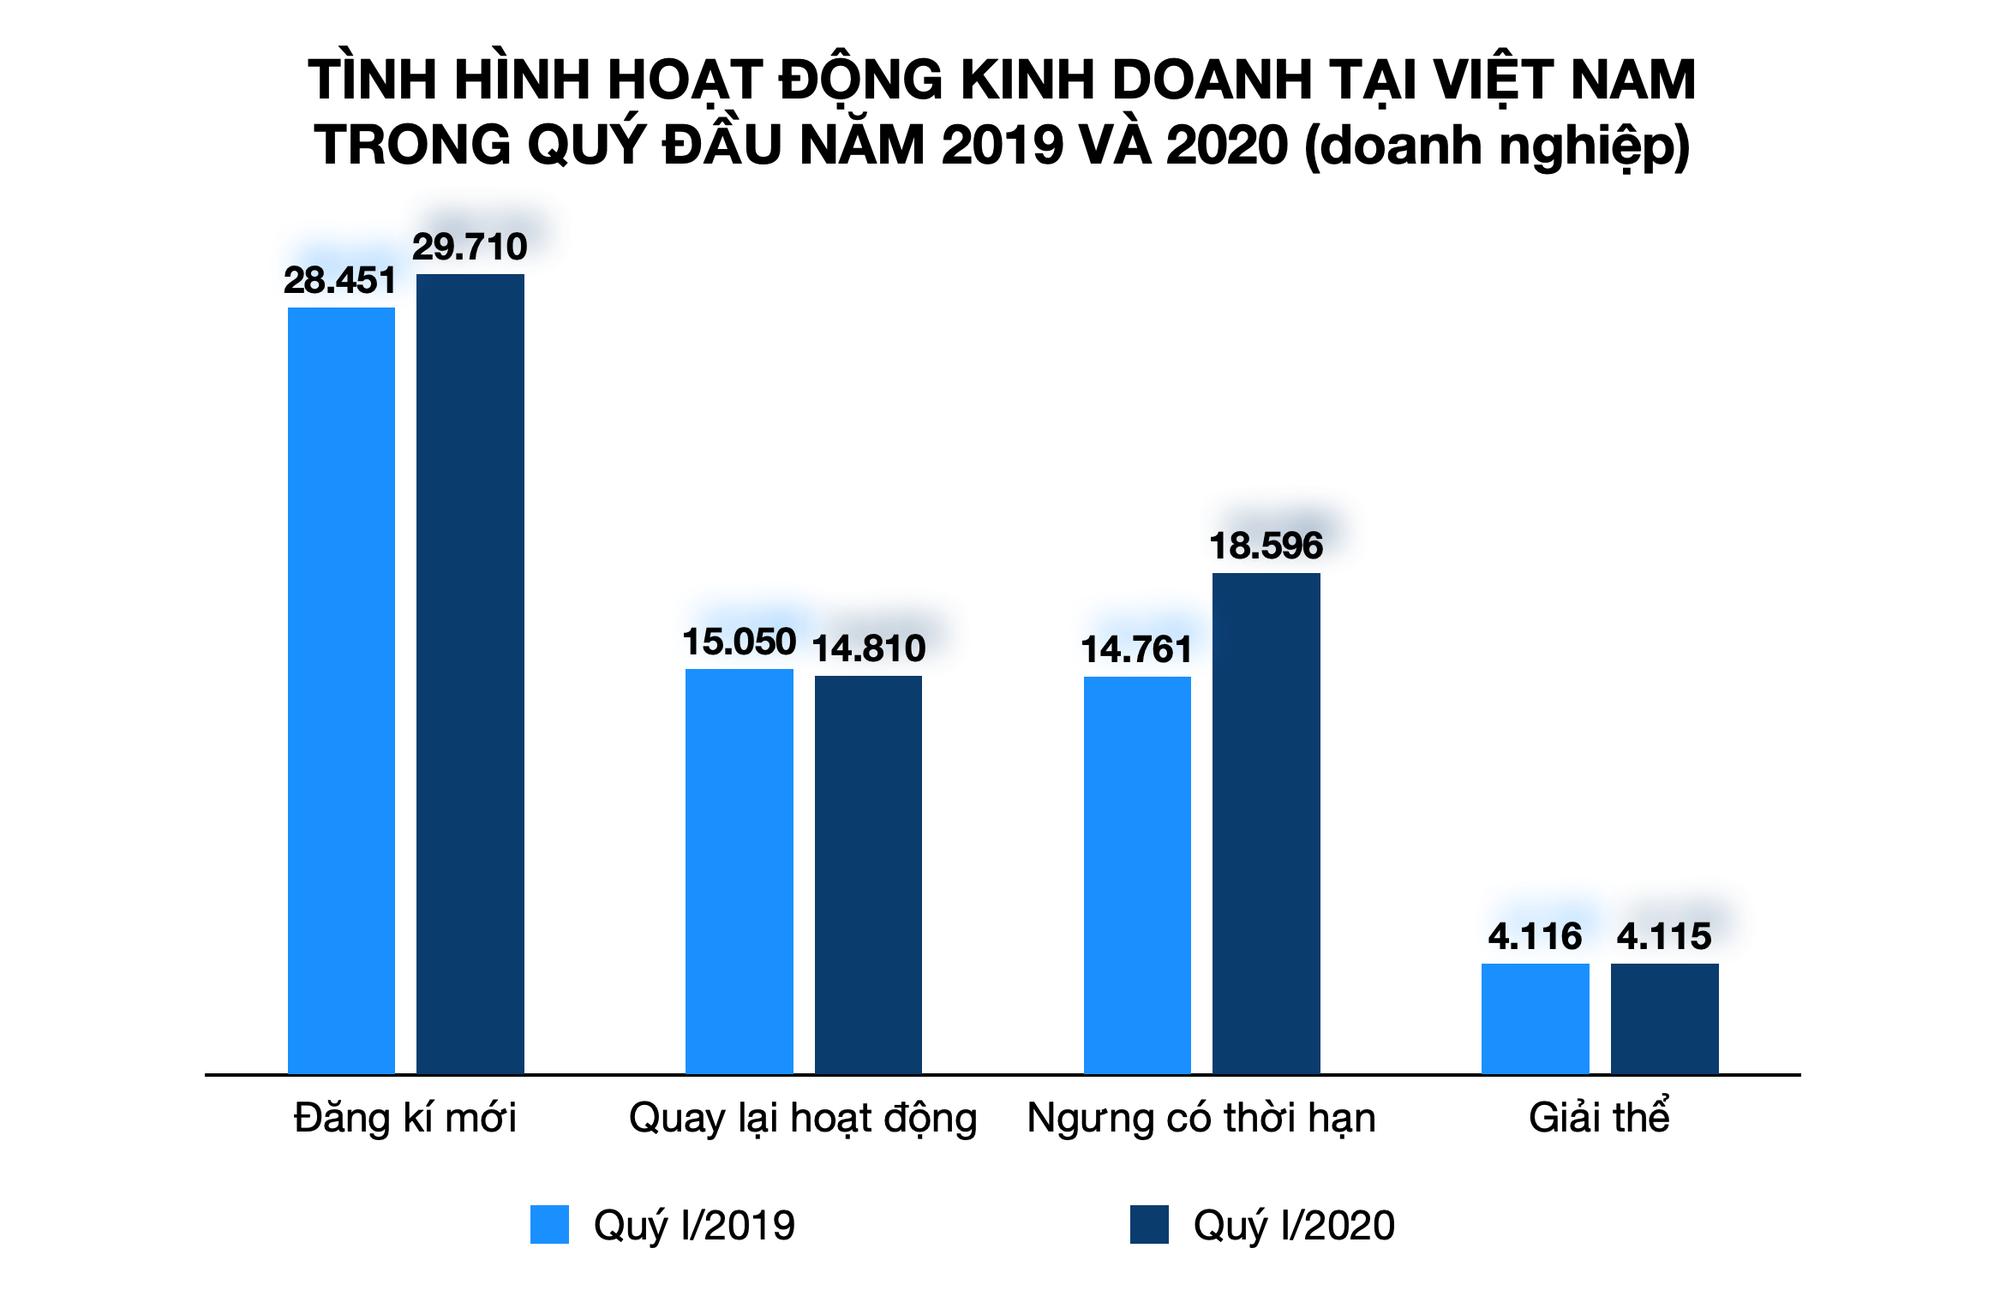 Hơn 18.000 doanh nghiệp Việt Nam tạm ngừng kinh doanh vì dịch Covid-19 - Ảnh 1.